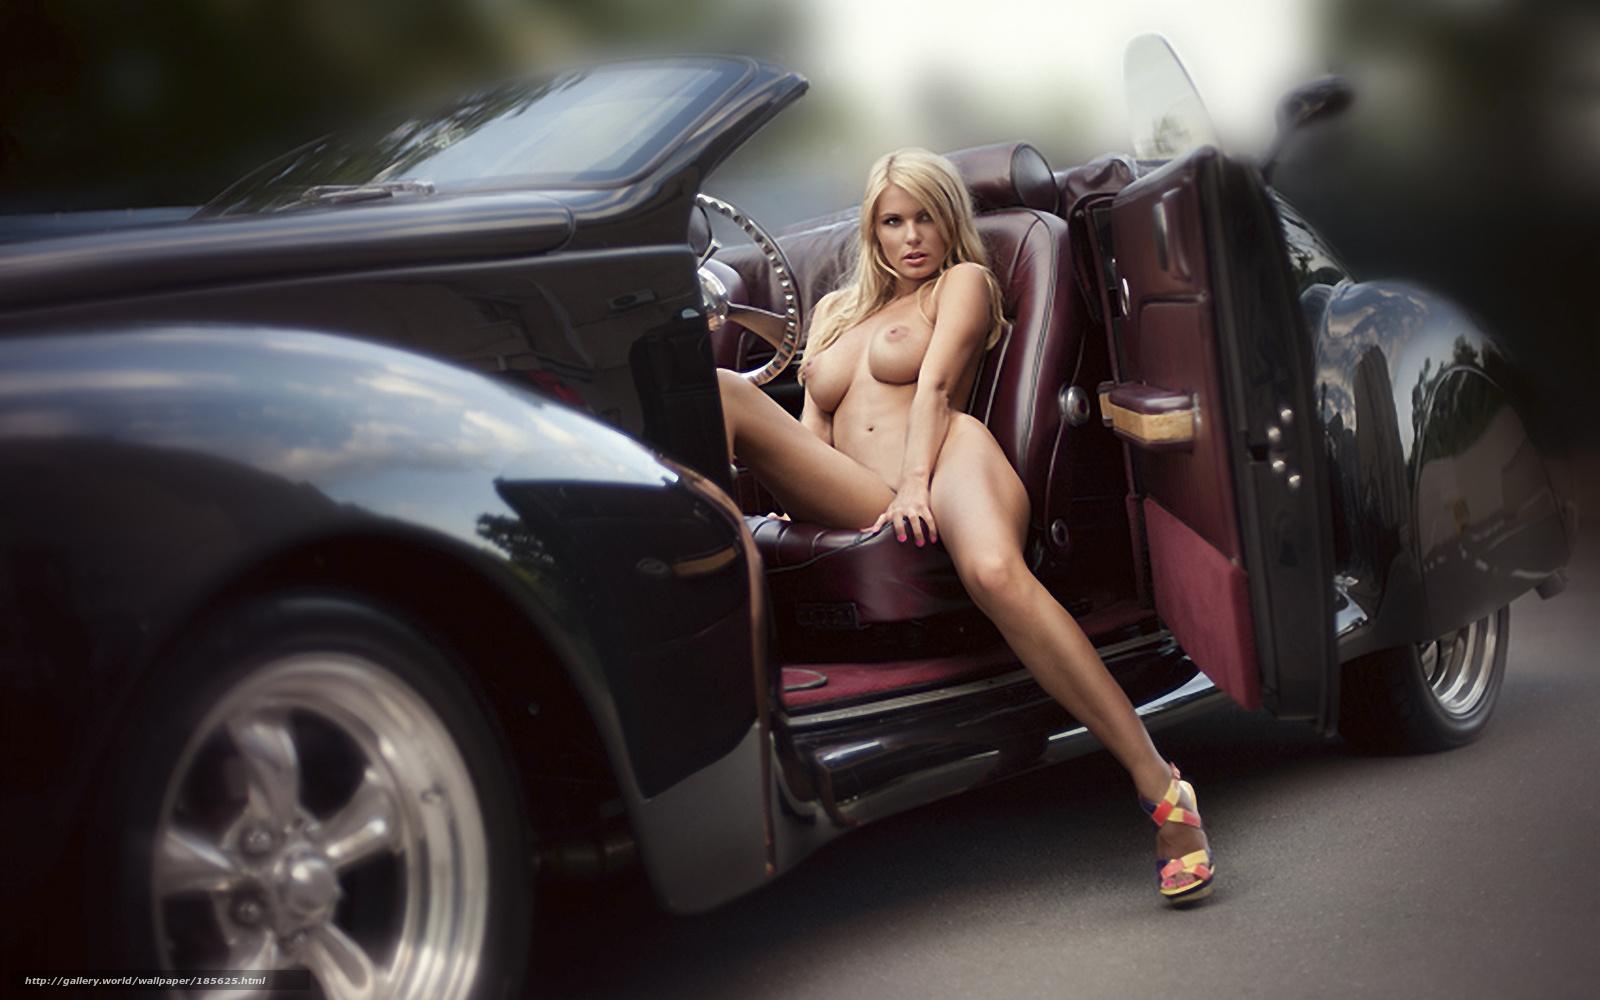 Эротические фото девушки и автомобили 3 фотография